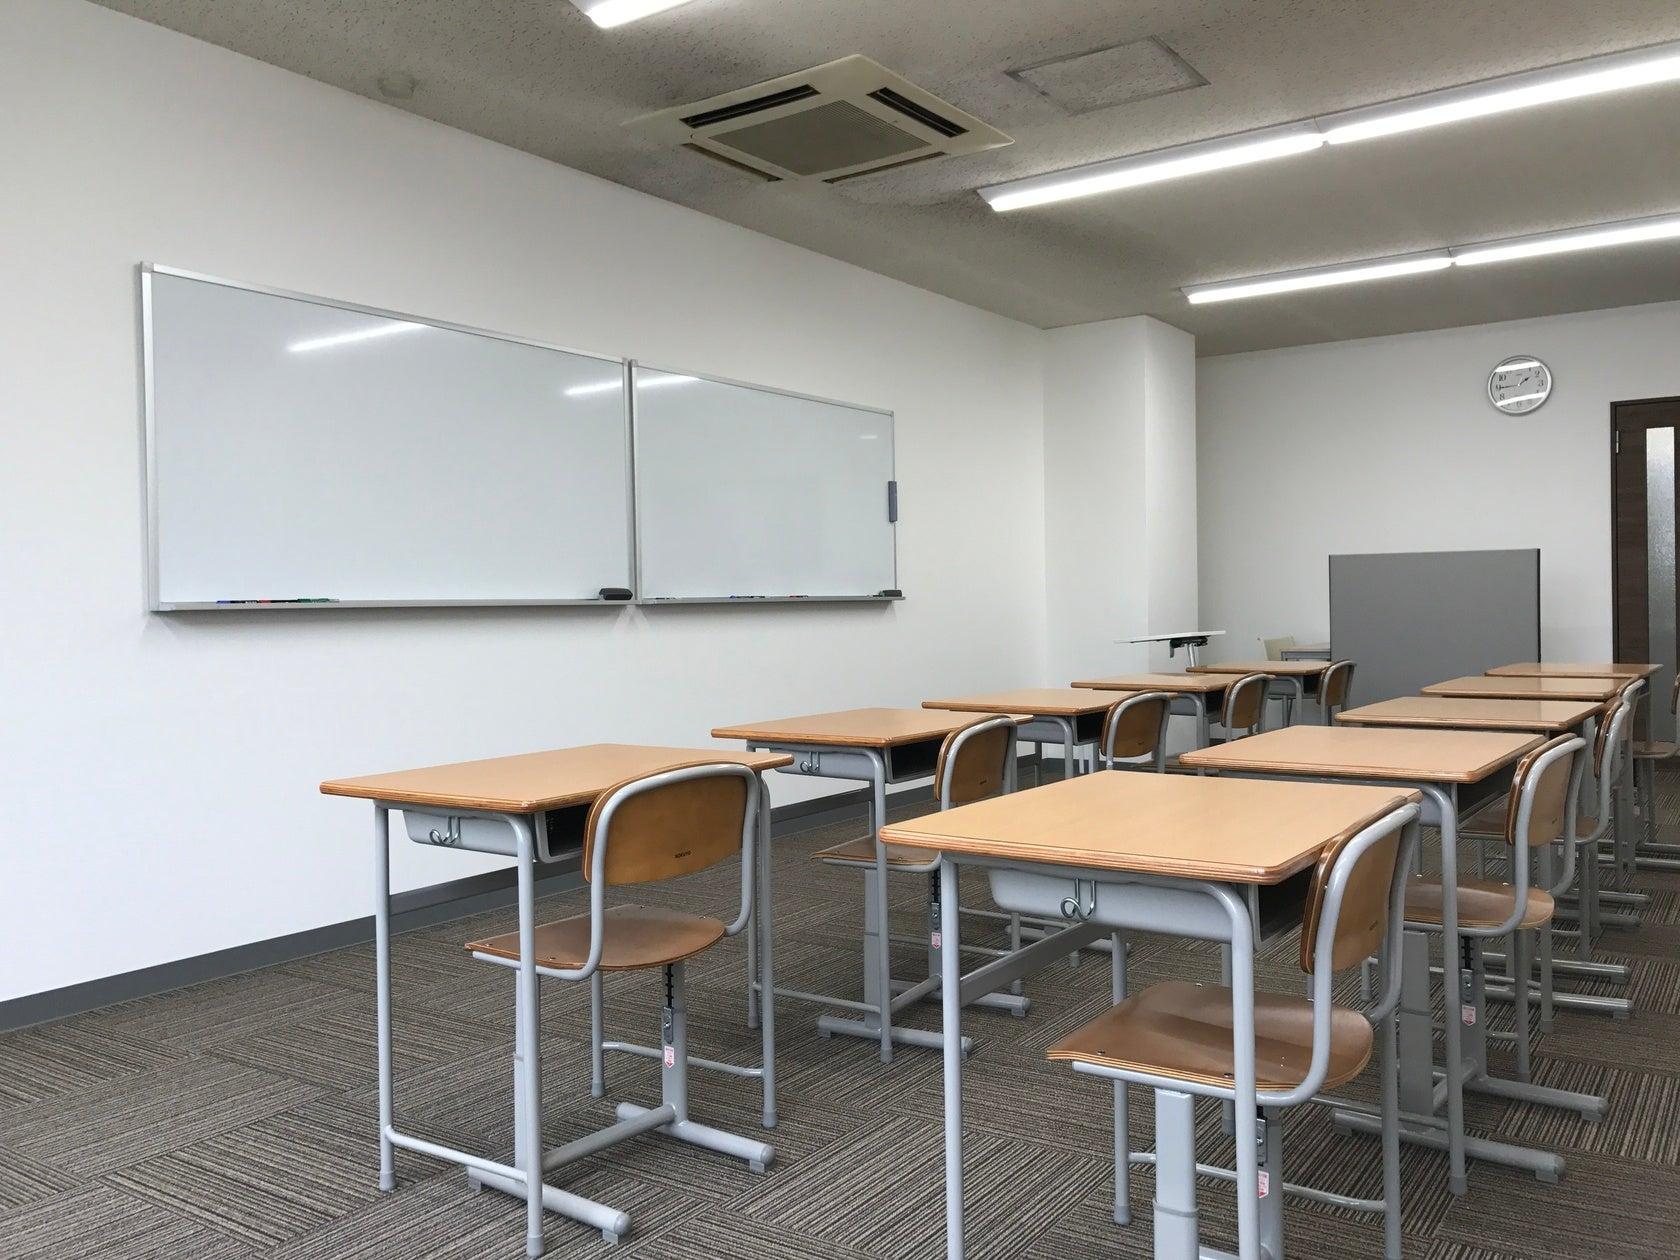 選べて使えるバリエーション!!(Room3) 教室・会議室・イベント・セミナー・撮影に利用できます。 のサムネイル